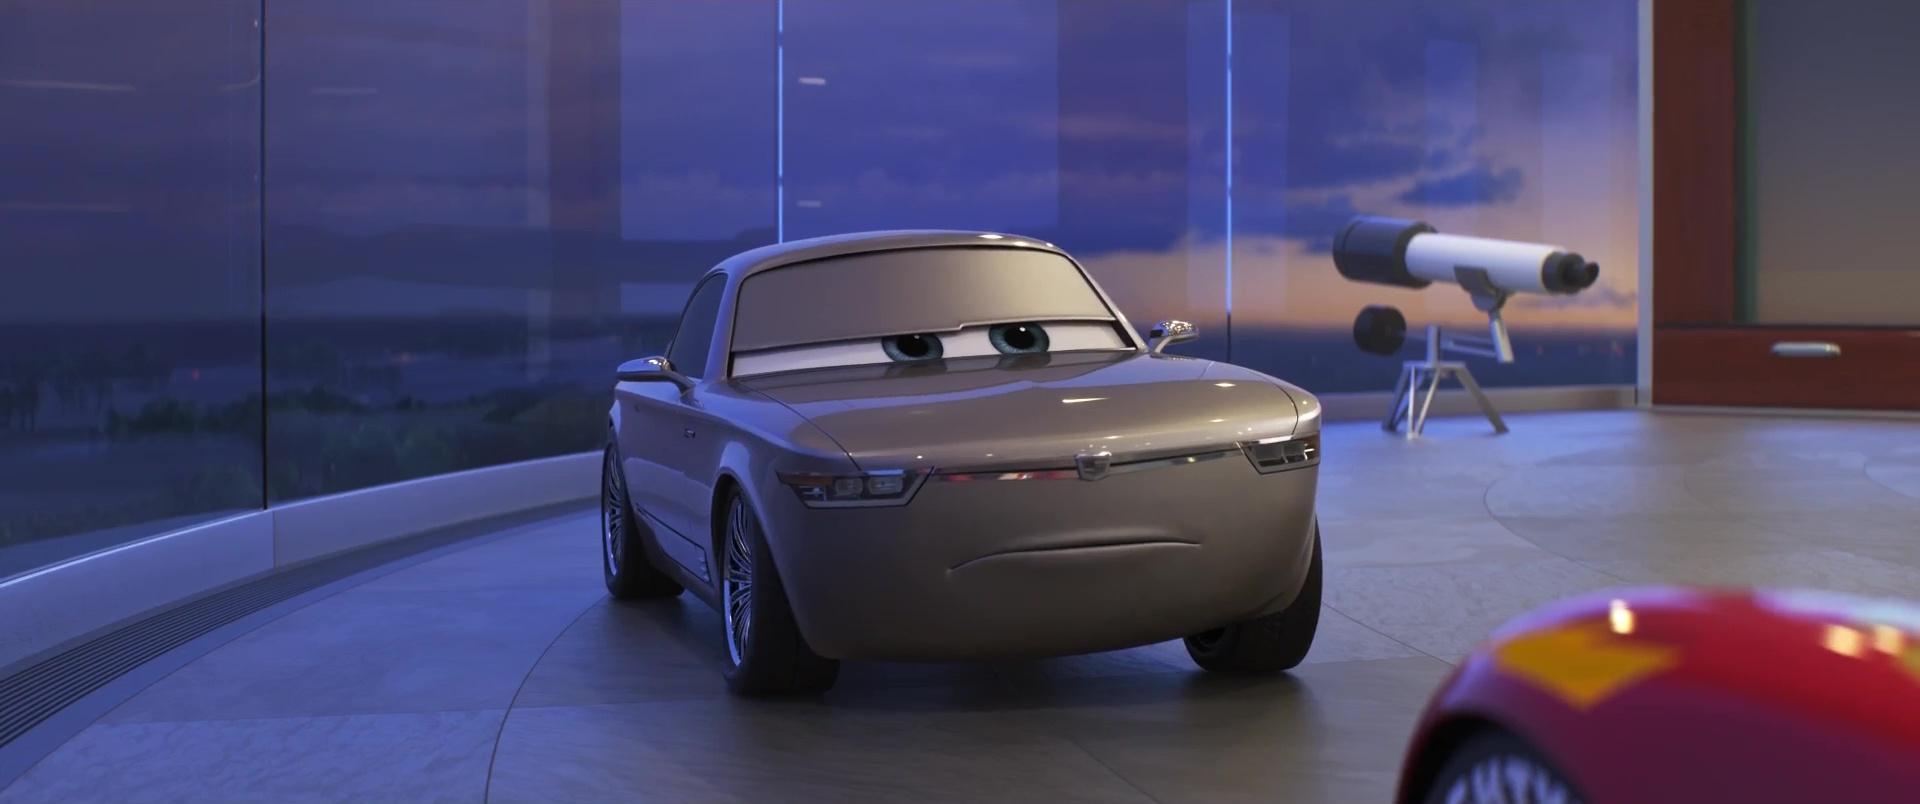 sterling personnage dans cars 3 pixar planet fr. Black Bedroom Furniture Sets. Home Design Ideas